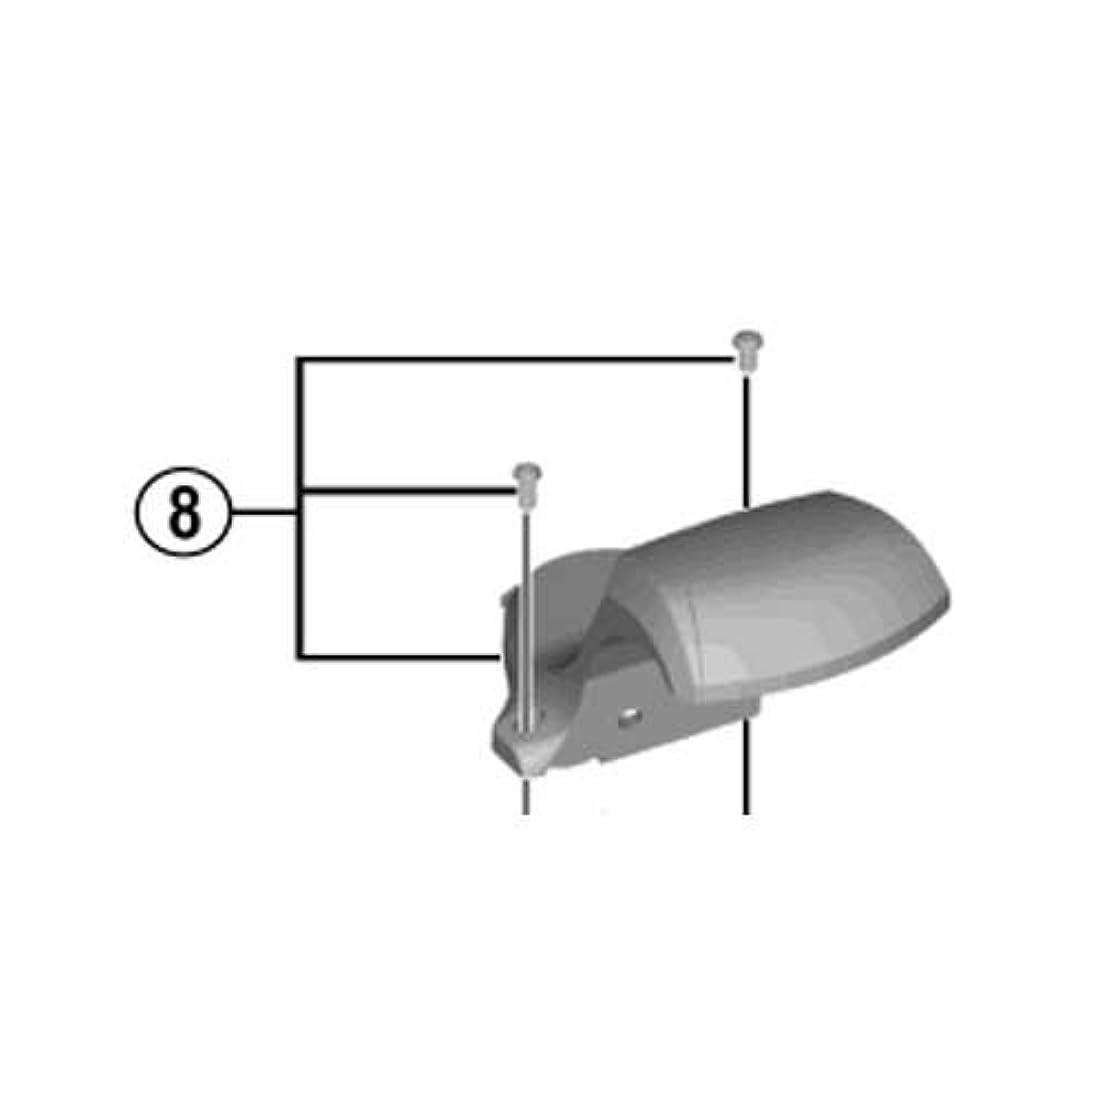 区別揺れる変装SHIMANO SL-T8000 インジケーターUT L Y06T98030